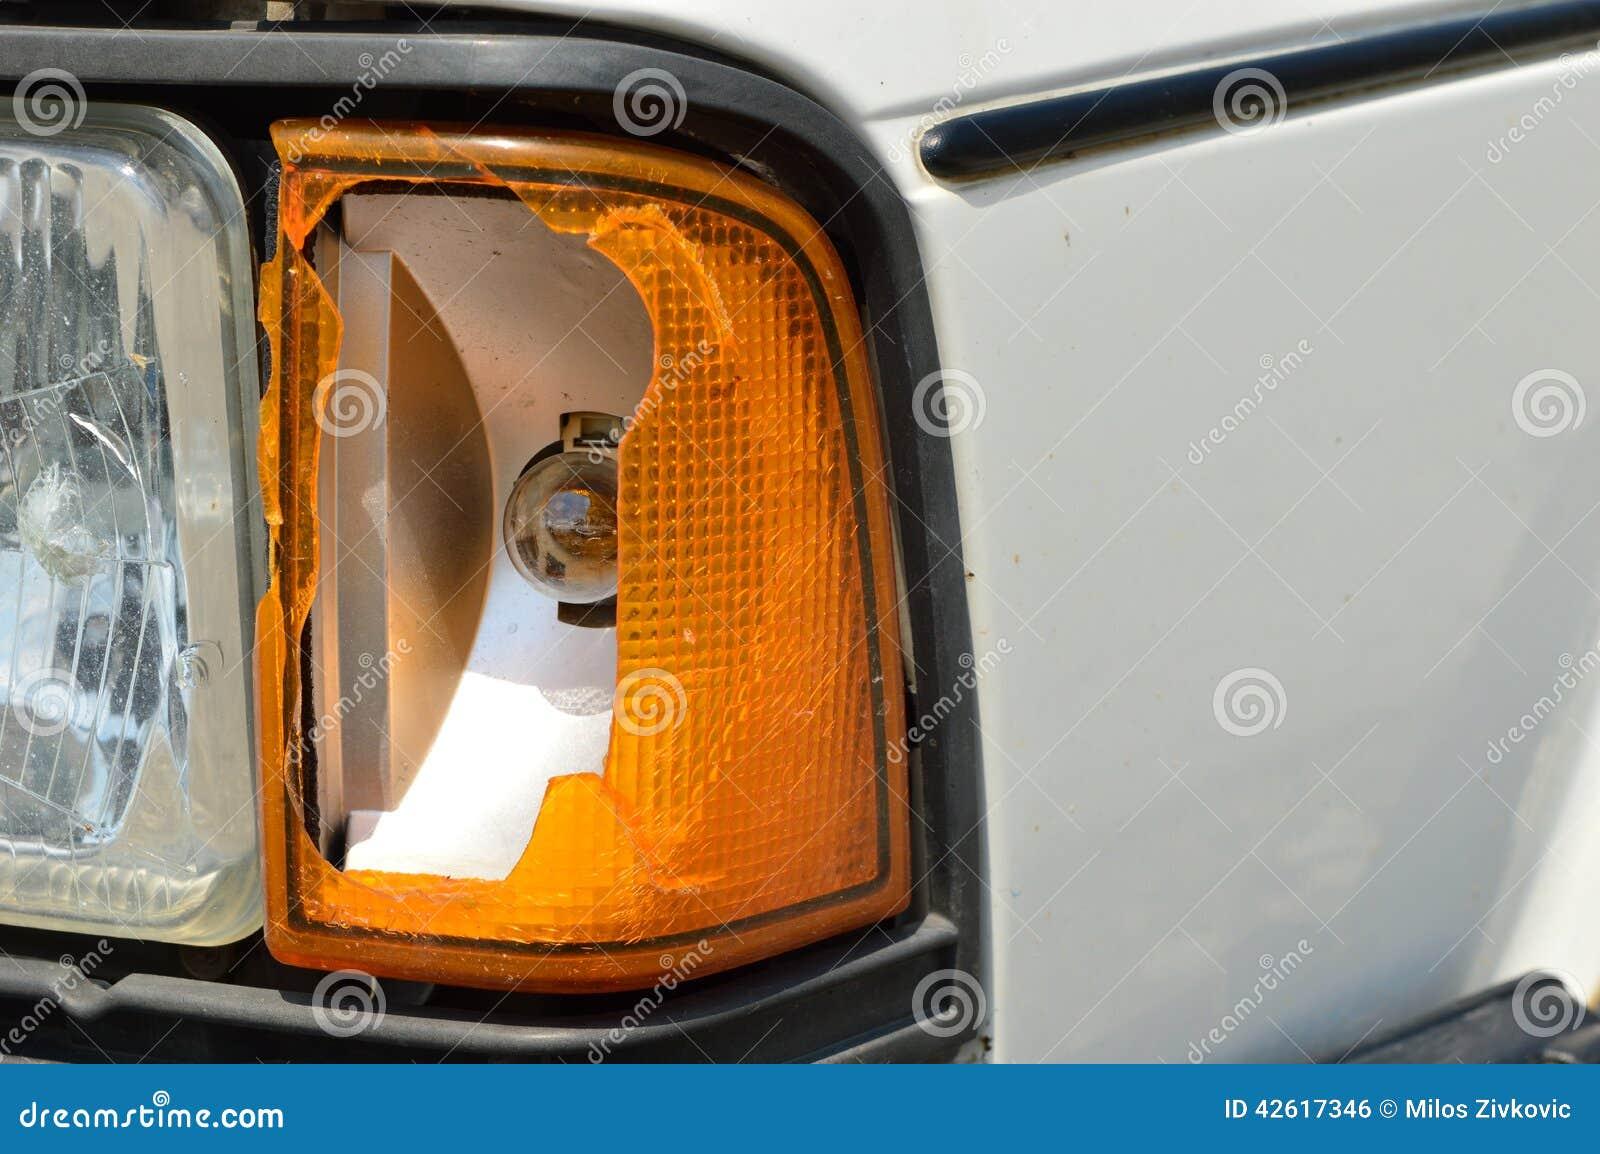 defektes licht auf einem auto stockfoto bild von lampe. Black Bedroom Furniture Sets. Home Design Ideas